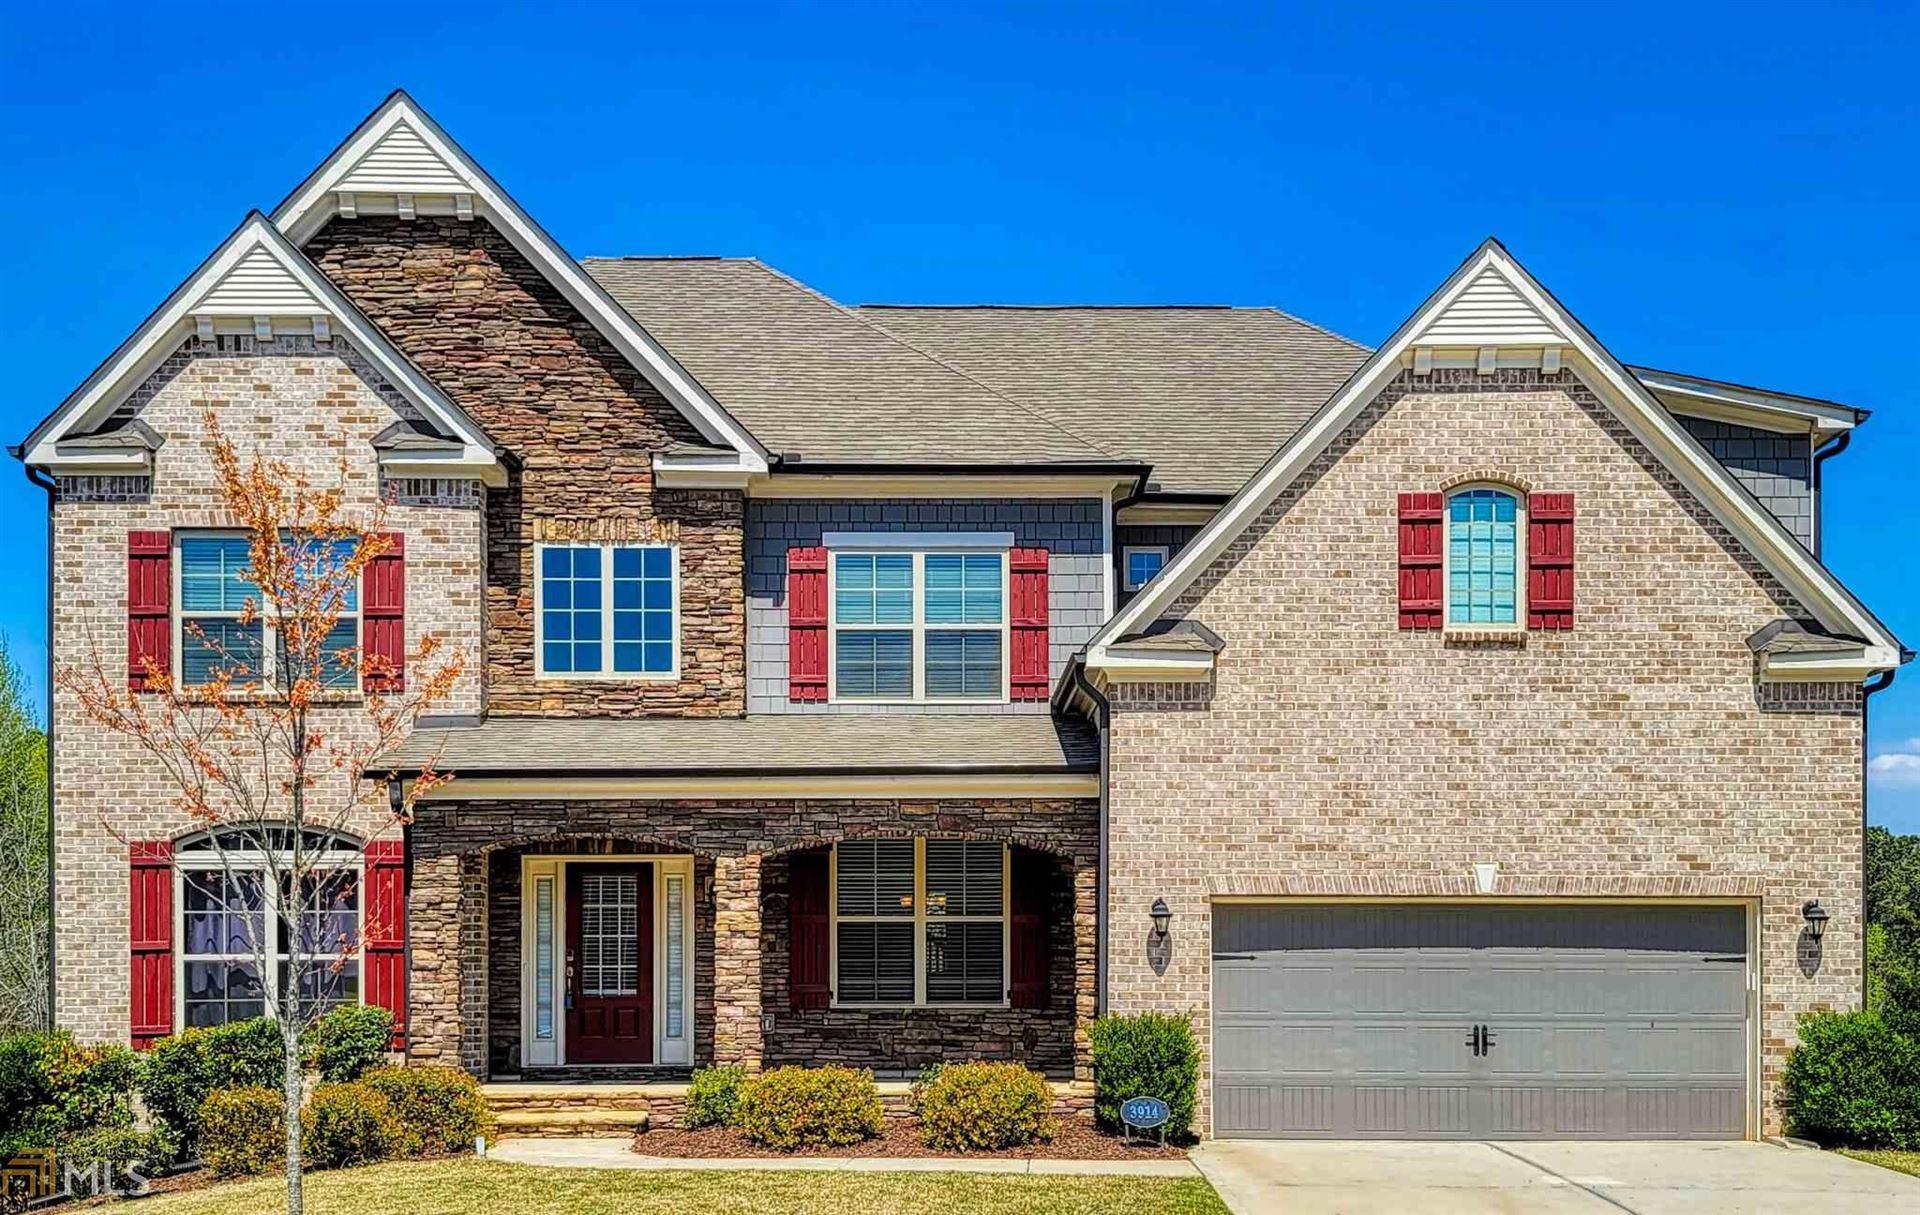 3914 Rustic Pine Ln, Buford, GA 30518 - MLS#: 8956462